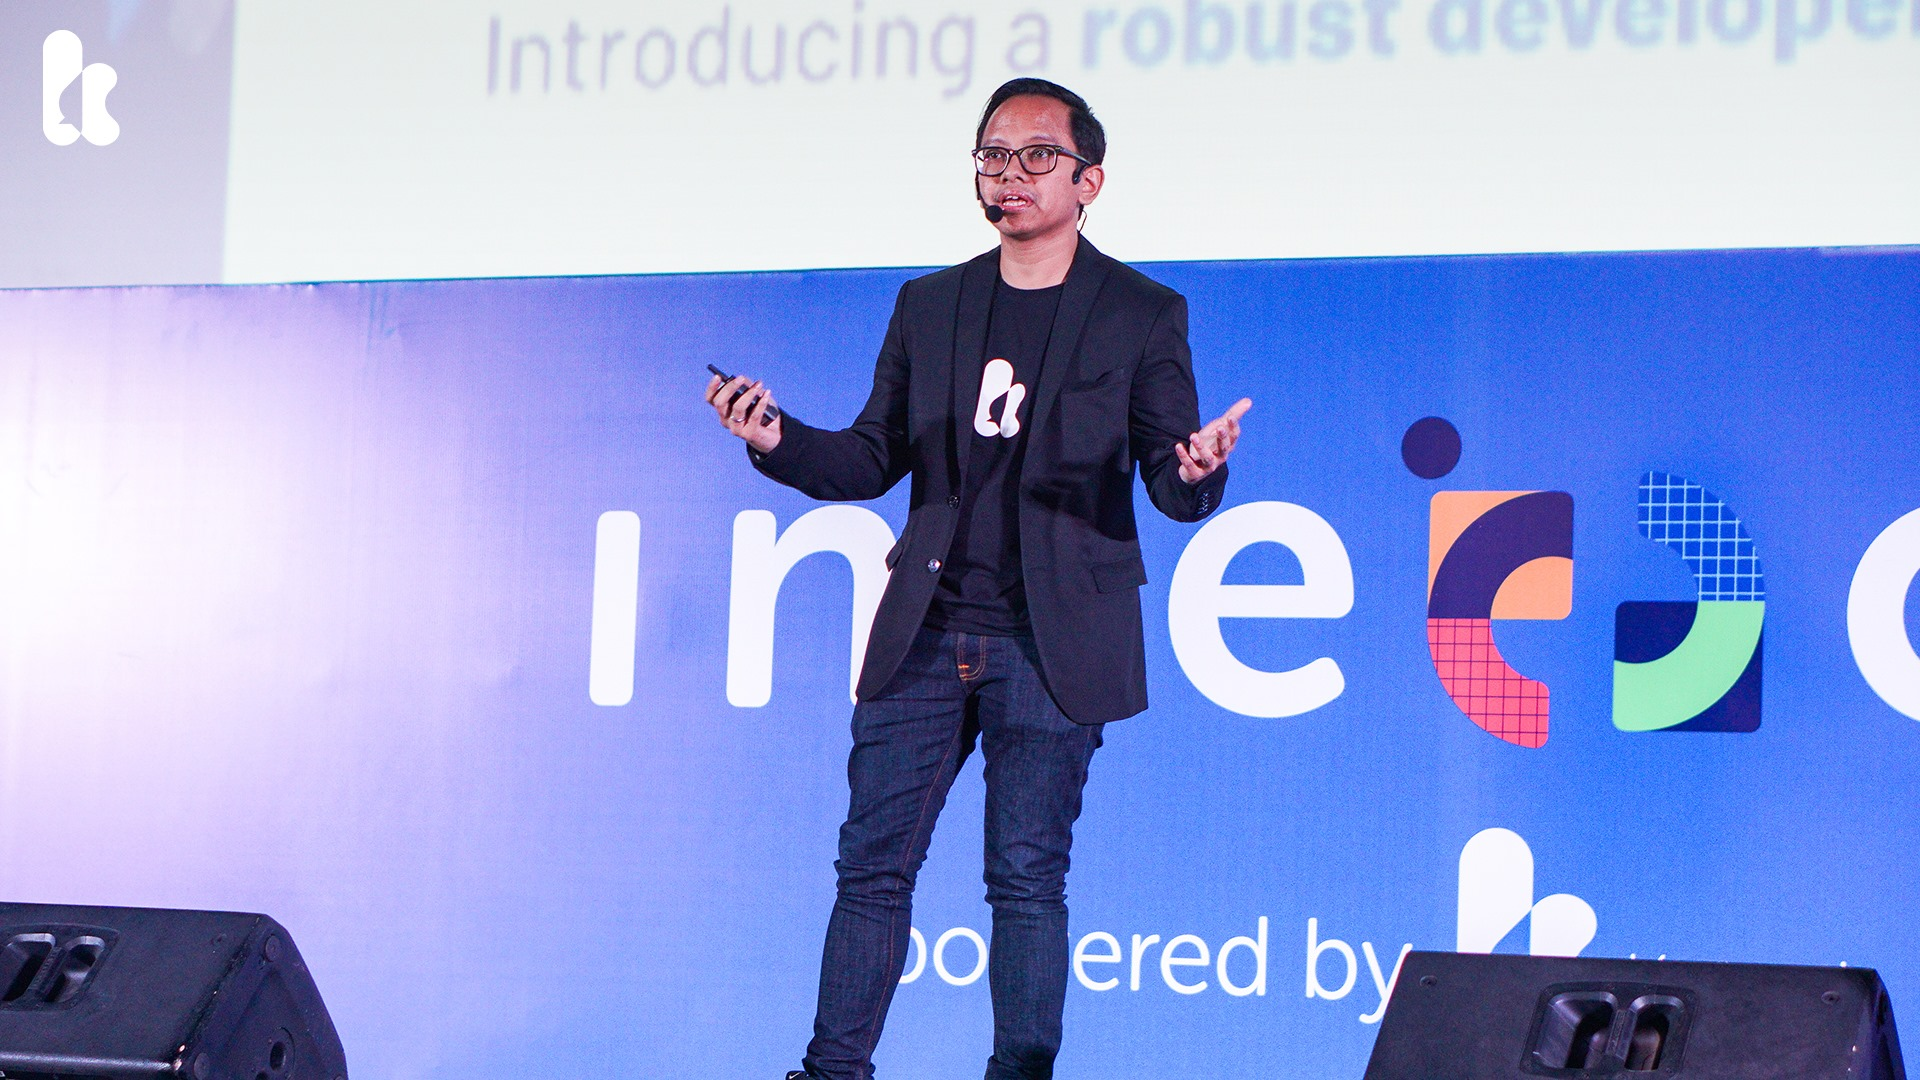 Irzan Raditya - CEO Kata.ai at INTERACT 2019